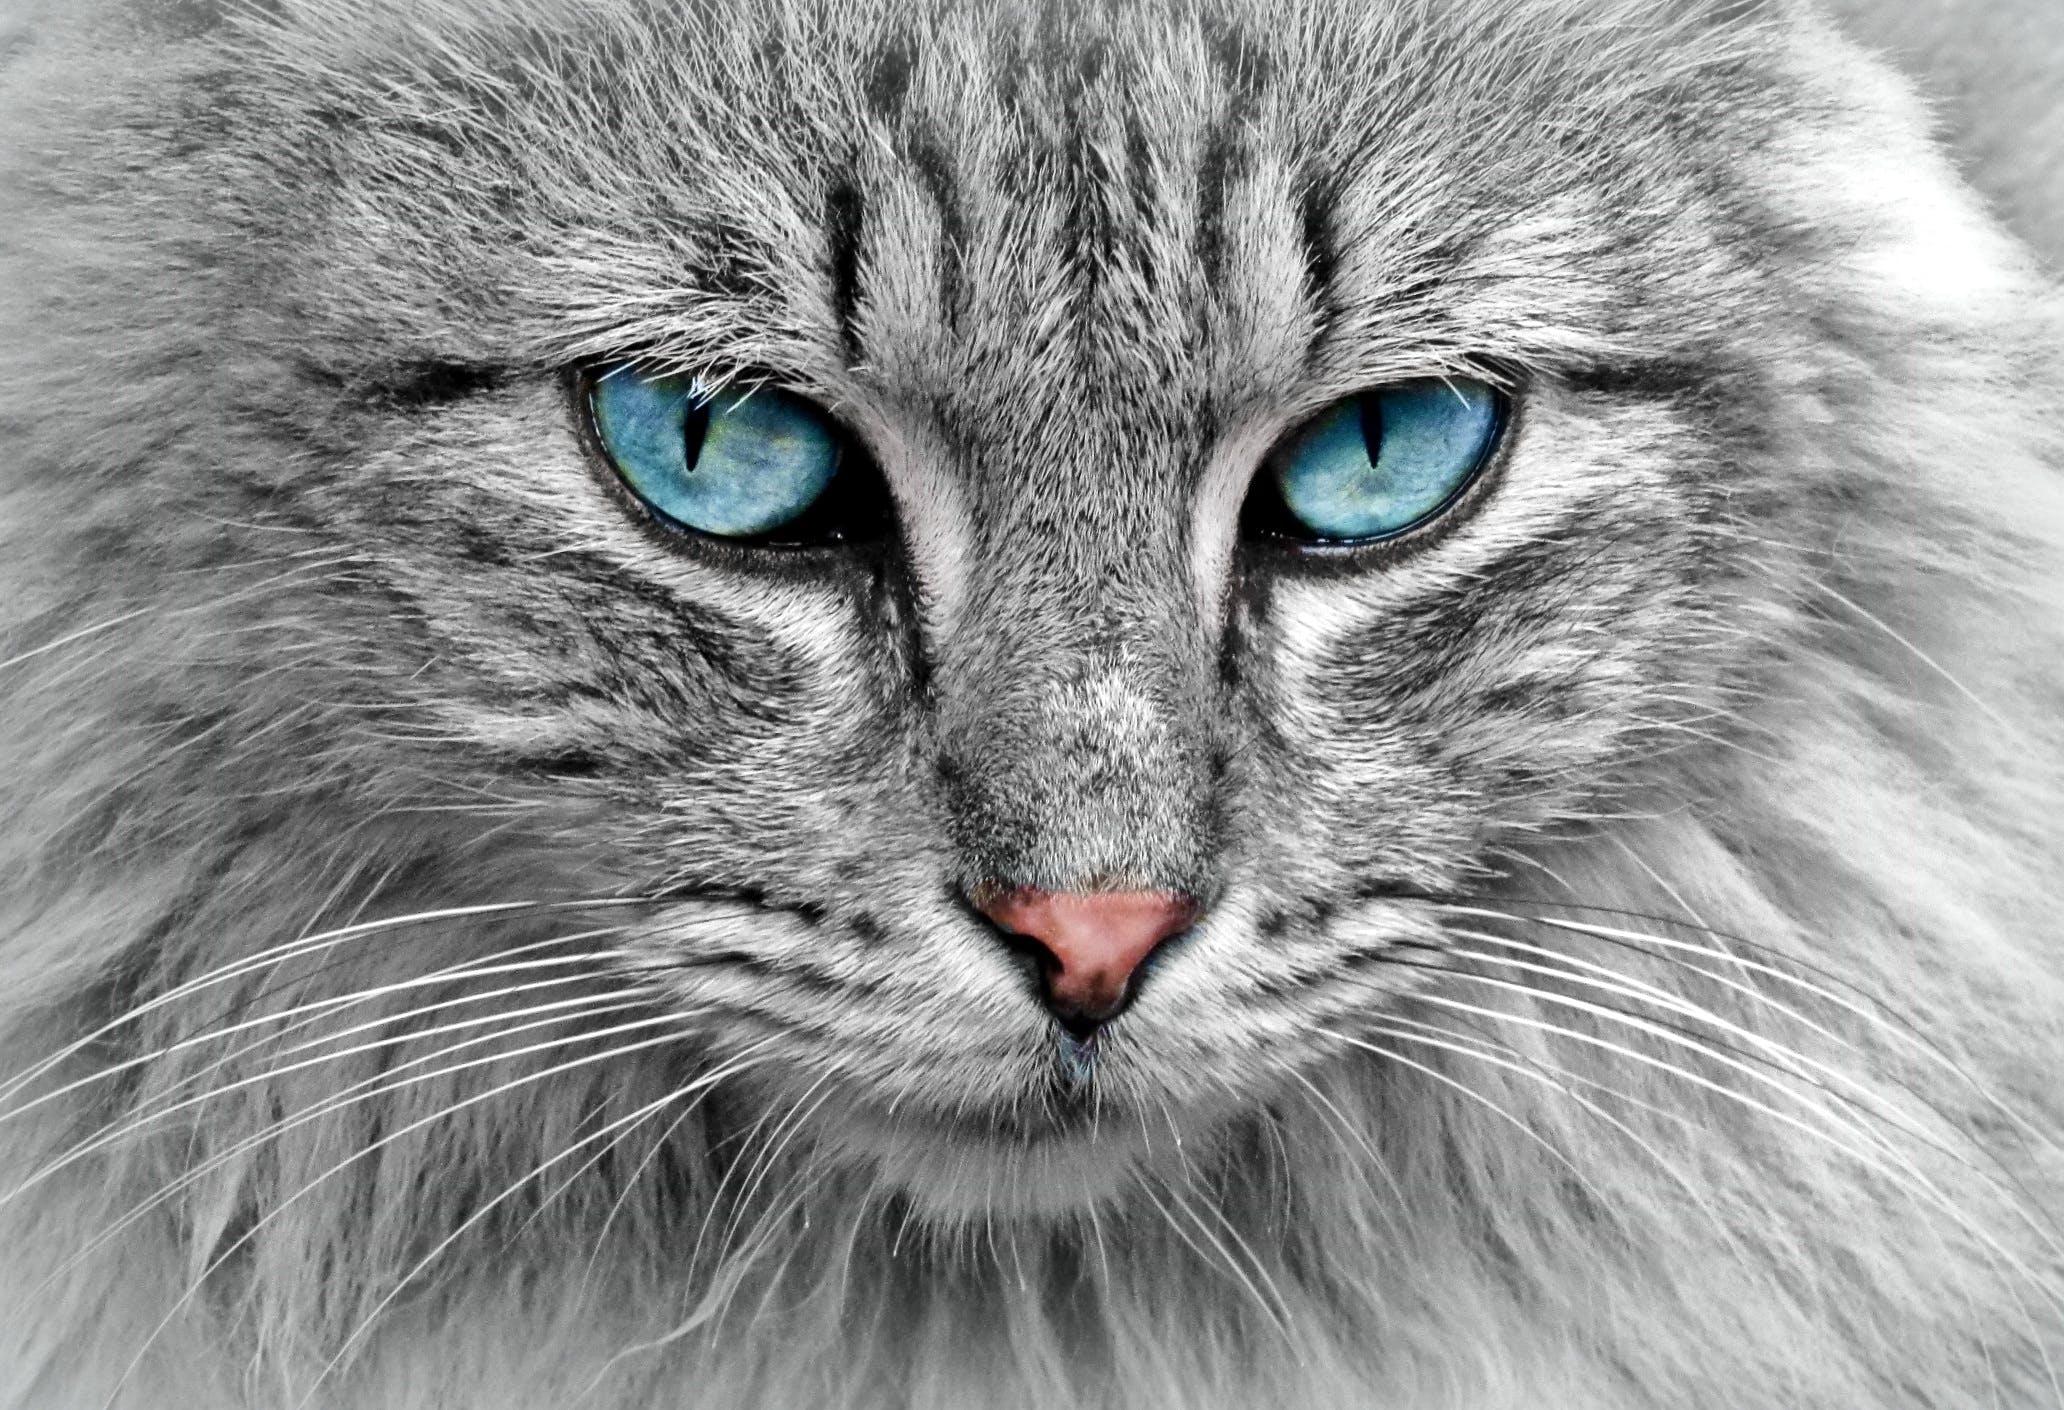 Free stock photo of animal, pet, eyes, grey